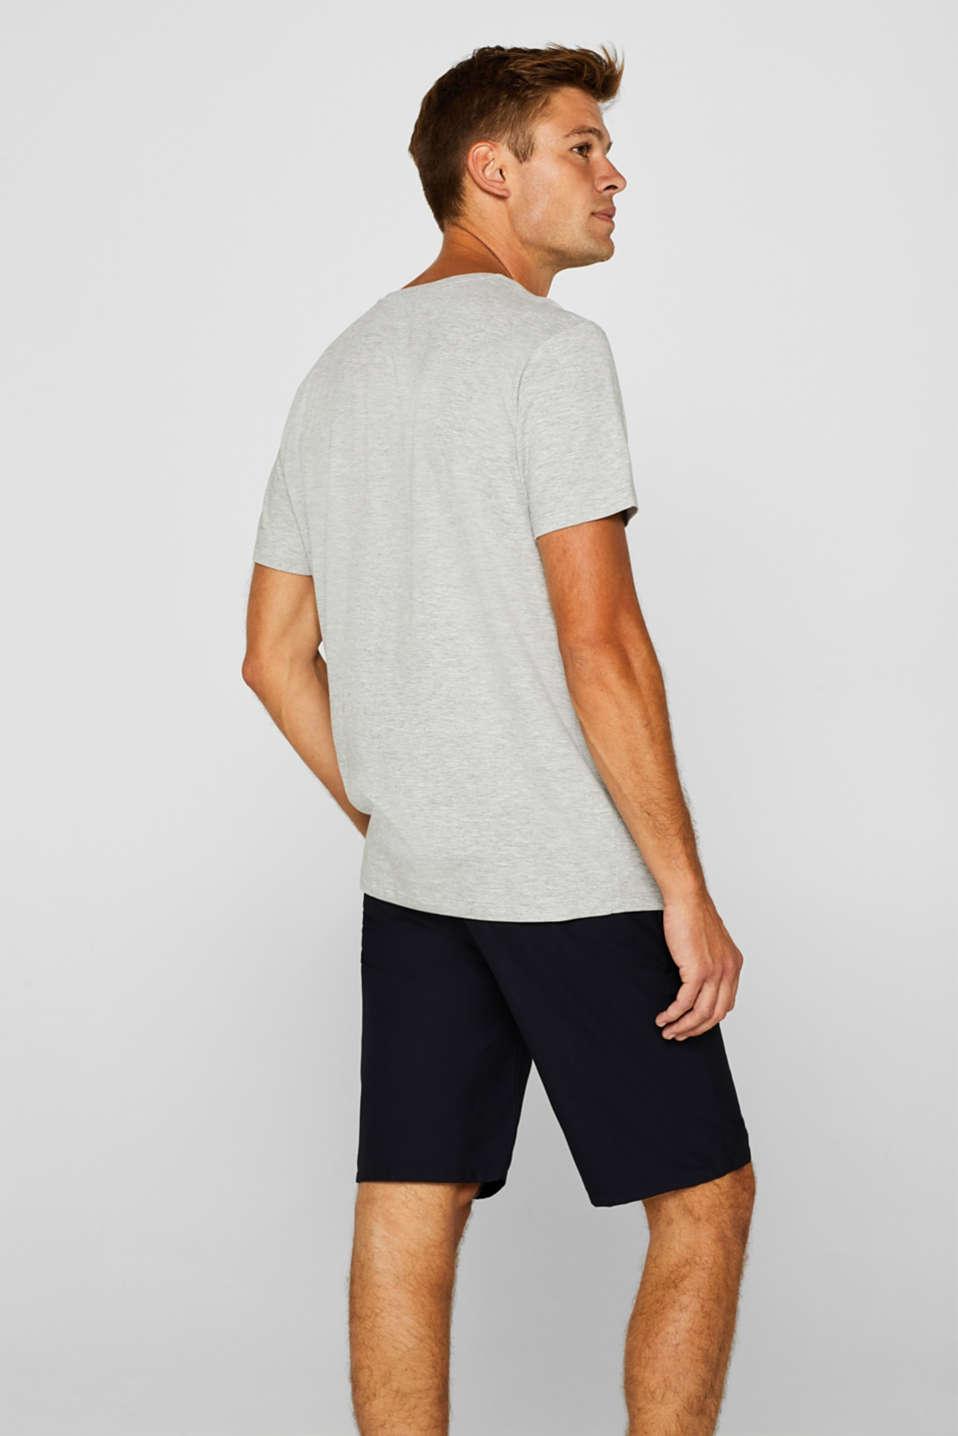 Melange jersey T-shirt, MEDIUM GREY, detail image number 3